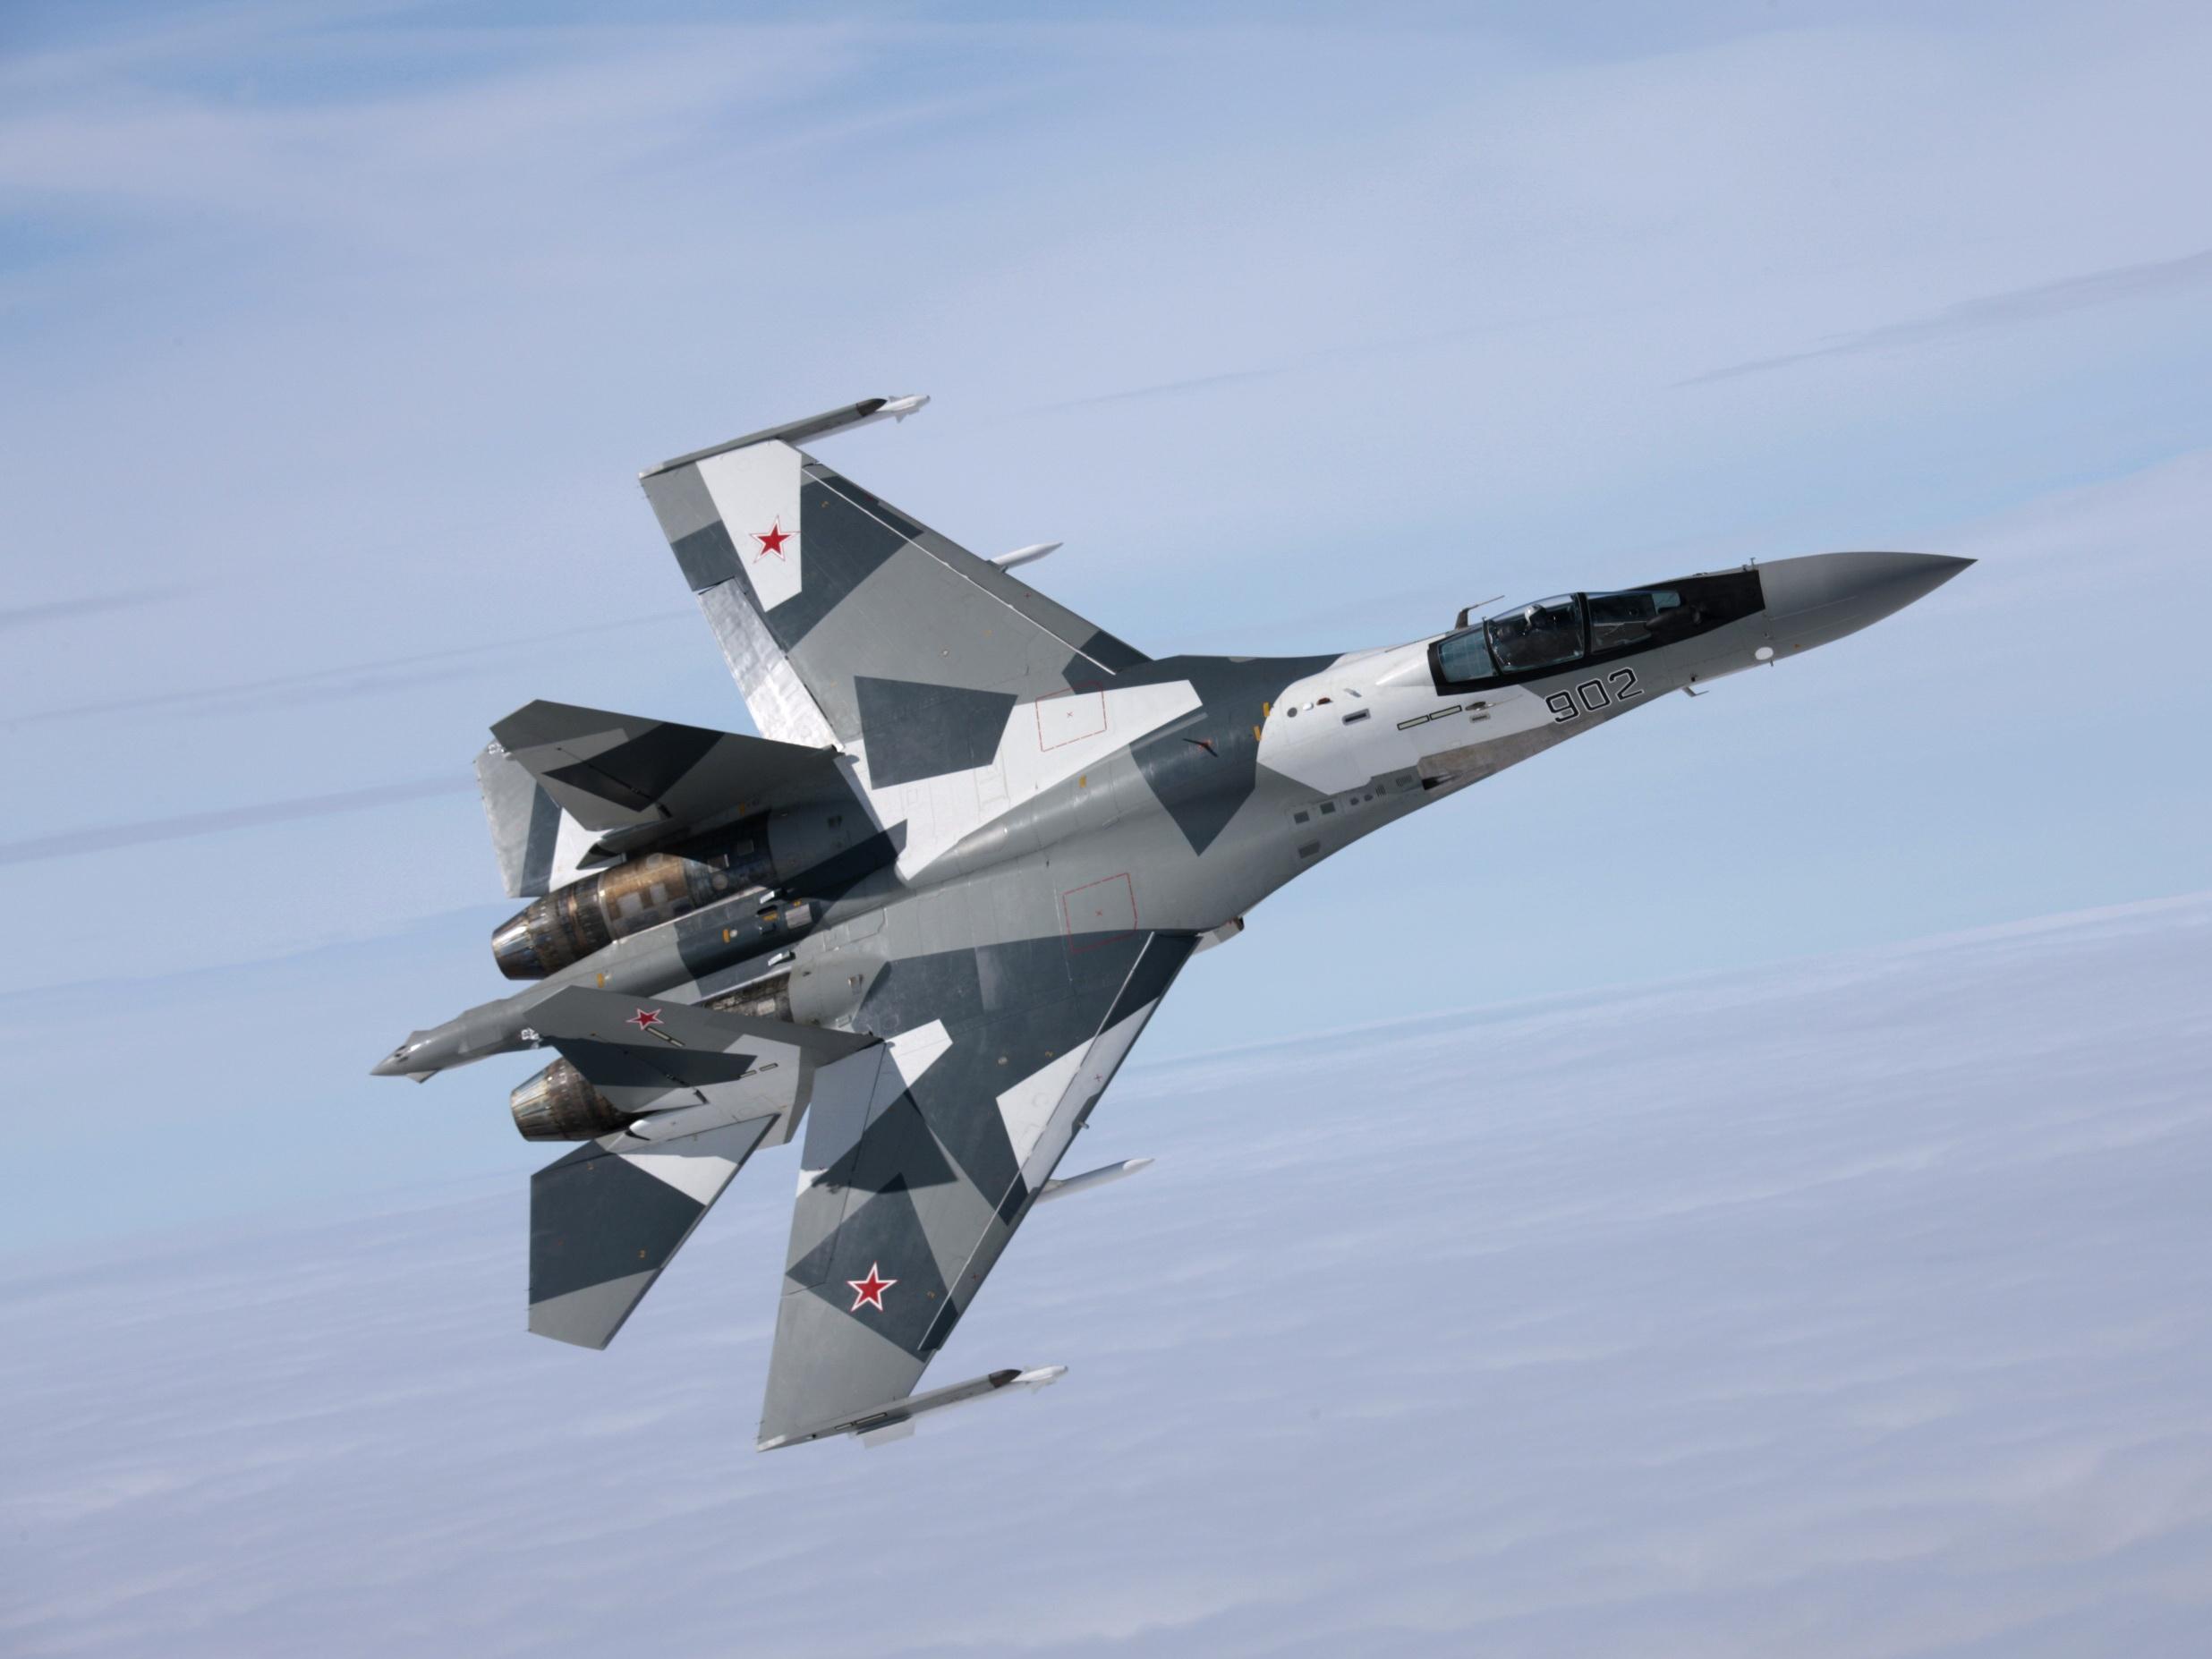 ВВС Азербайджана намерены закупить российские истребители Су-35 и МиГ-35 - ФОТО